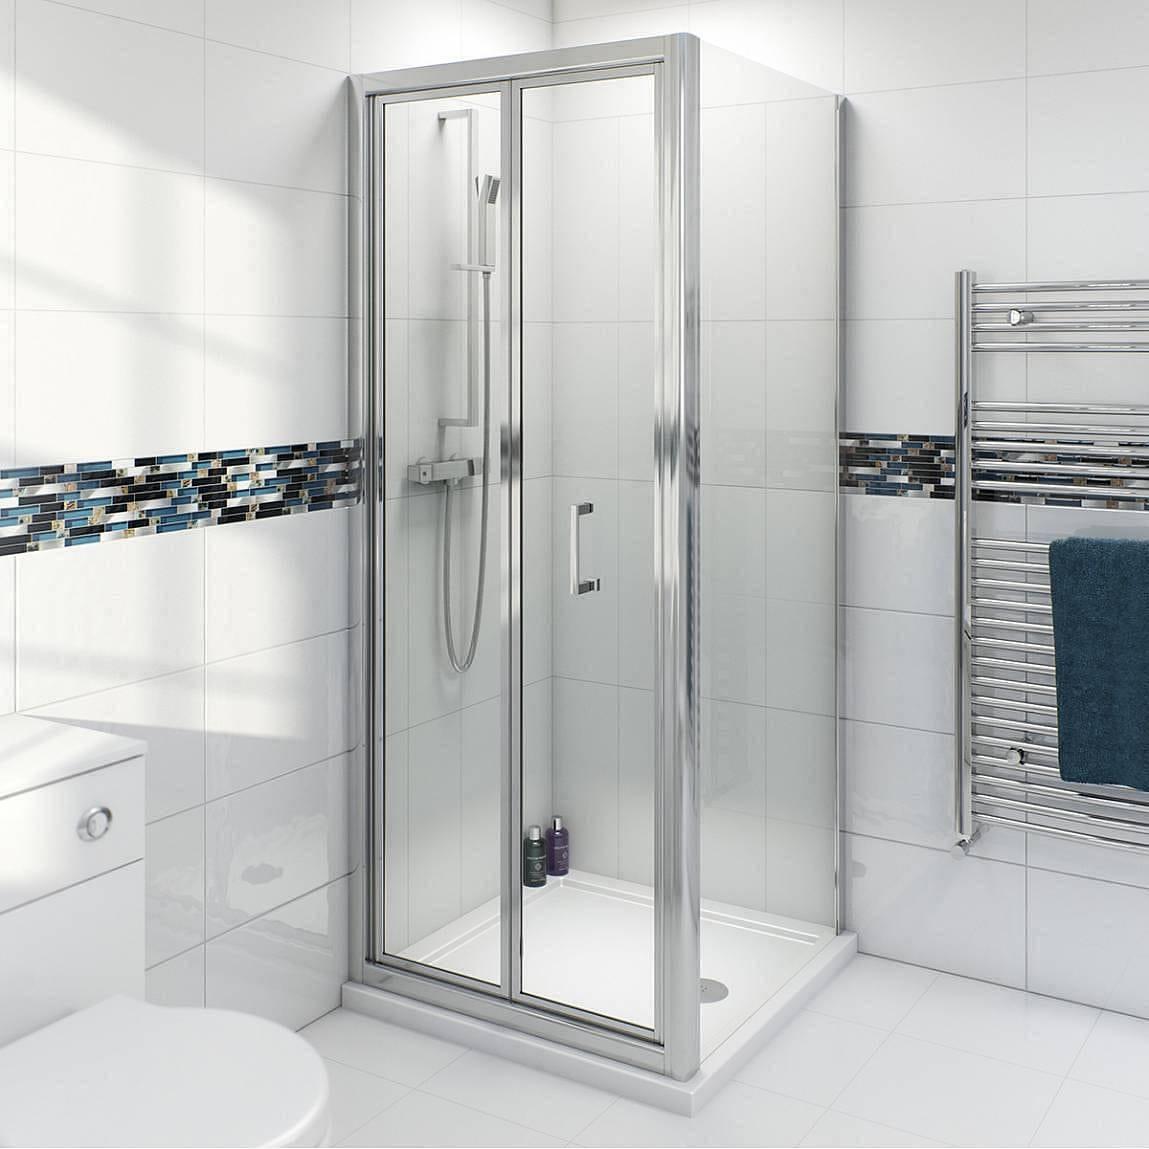 Clarity Rectangular Shower Enclosure 800 x 700mm - Bifold Door - 4mm